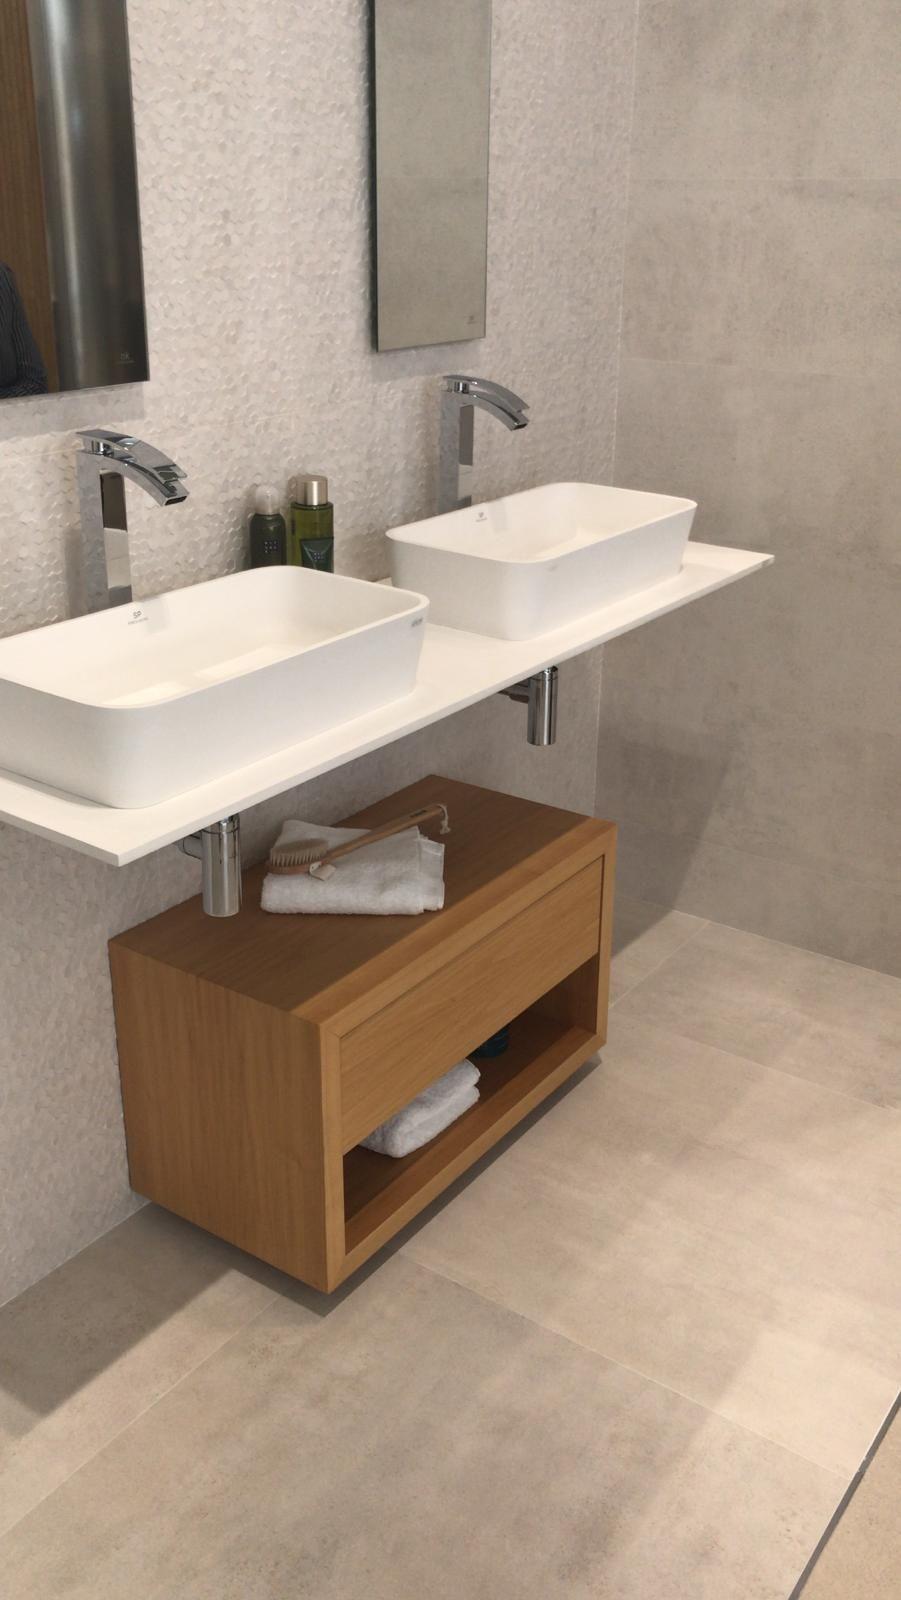 Tegelhuis Montfoort Keramische Tegels Voor Een Scherpe Prijs Badkamer Tegelen Tegels Badkamer